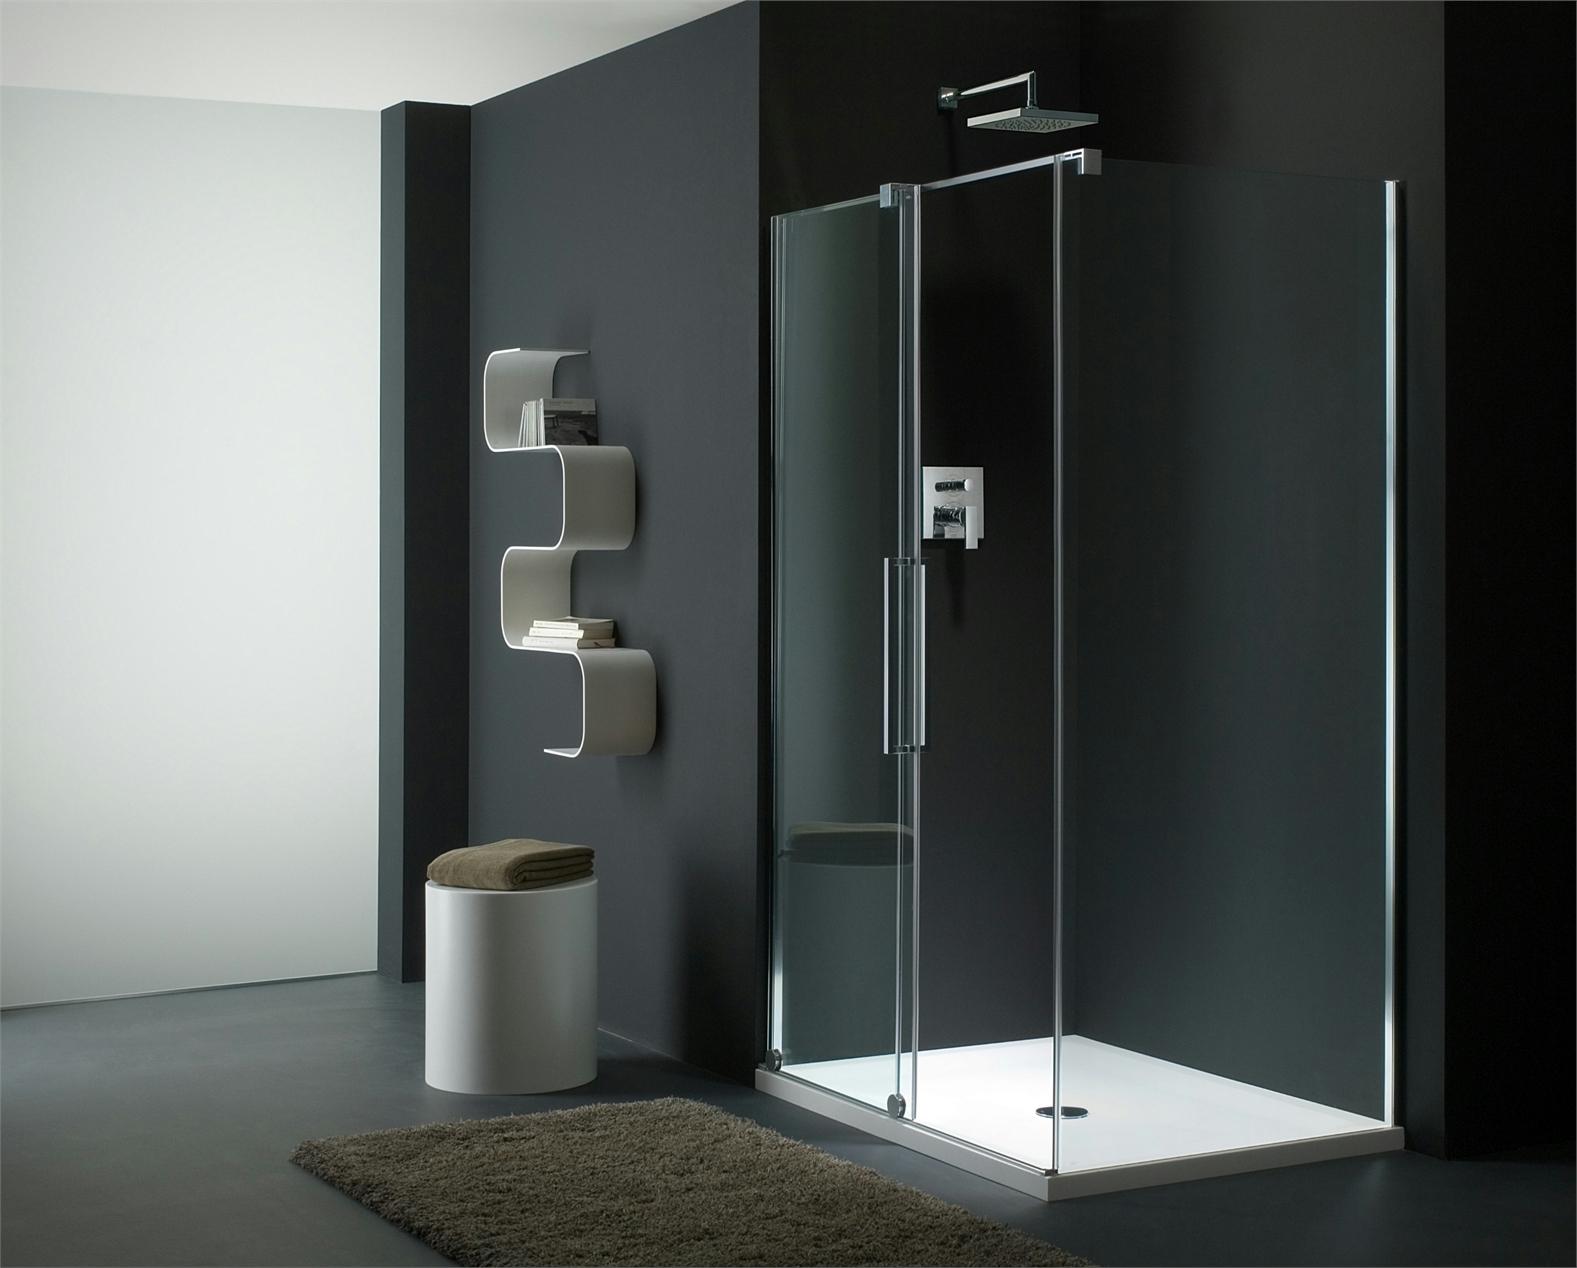 La linea di box doccia s lite by provex - Il box doccia ...